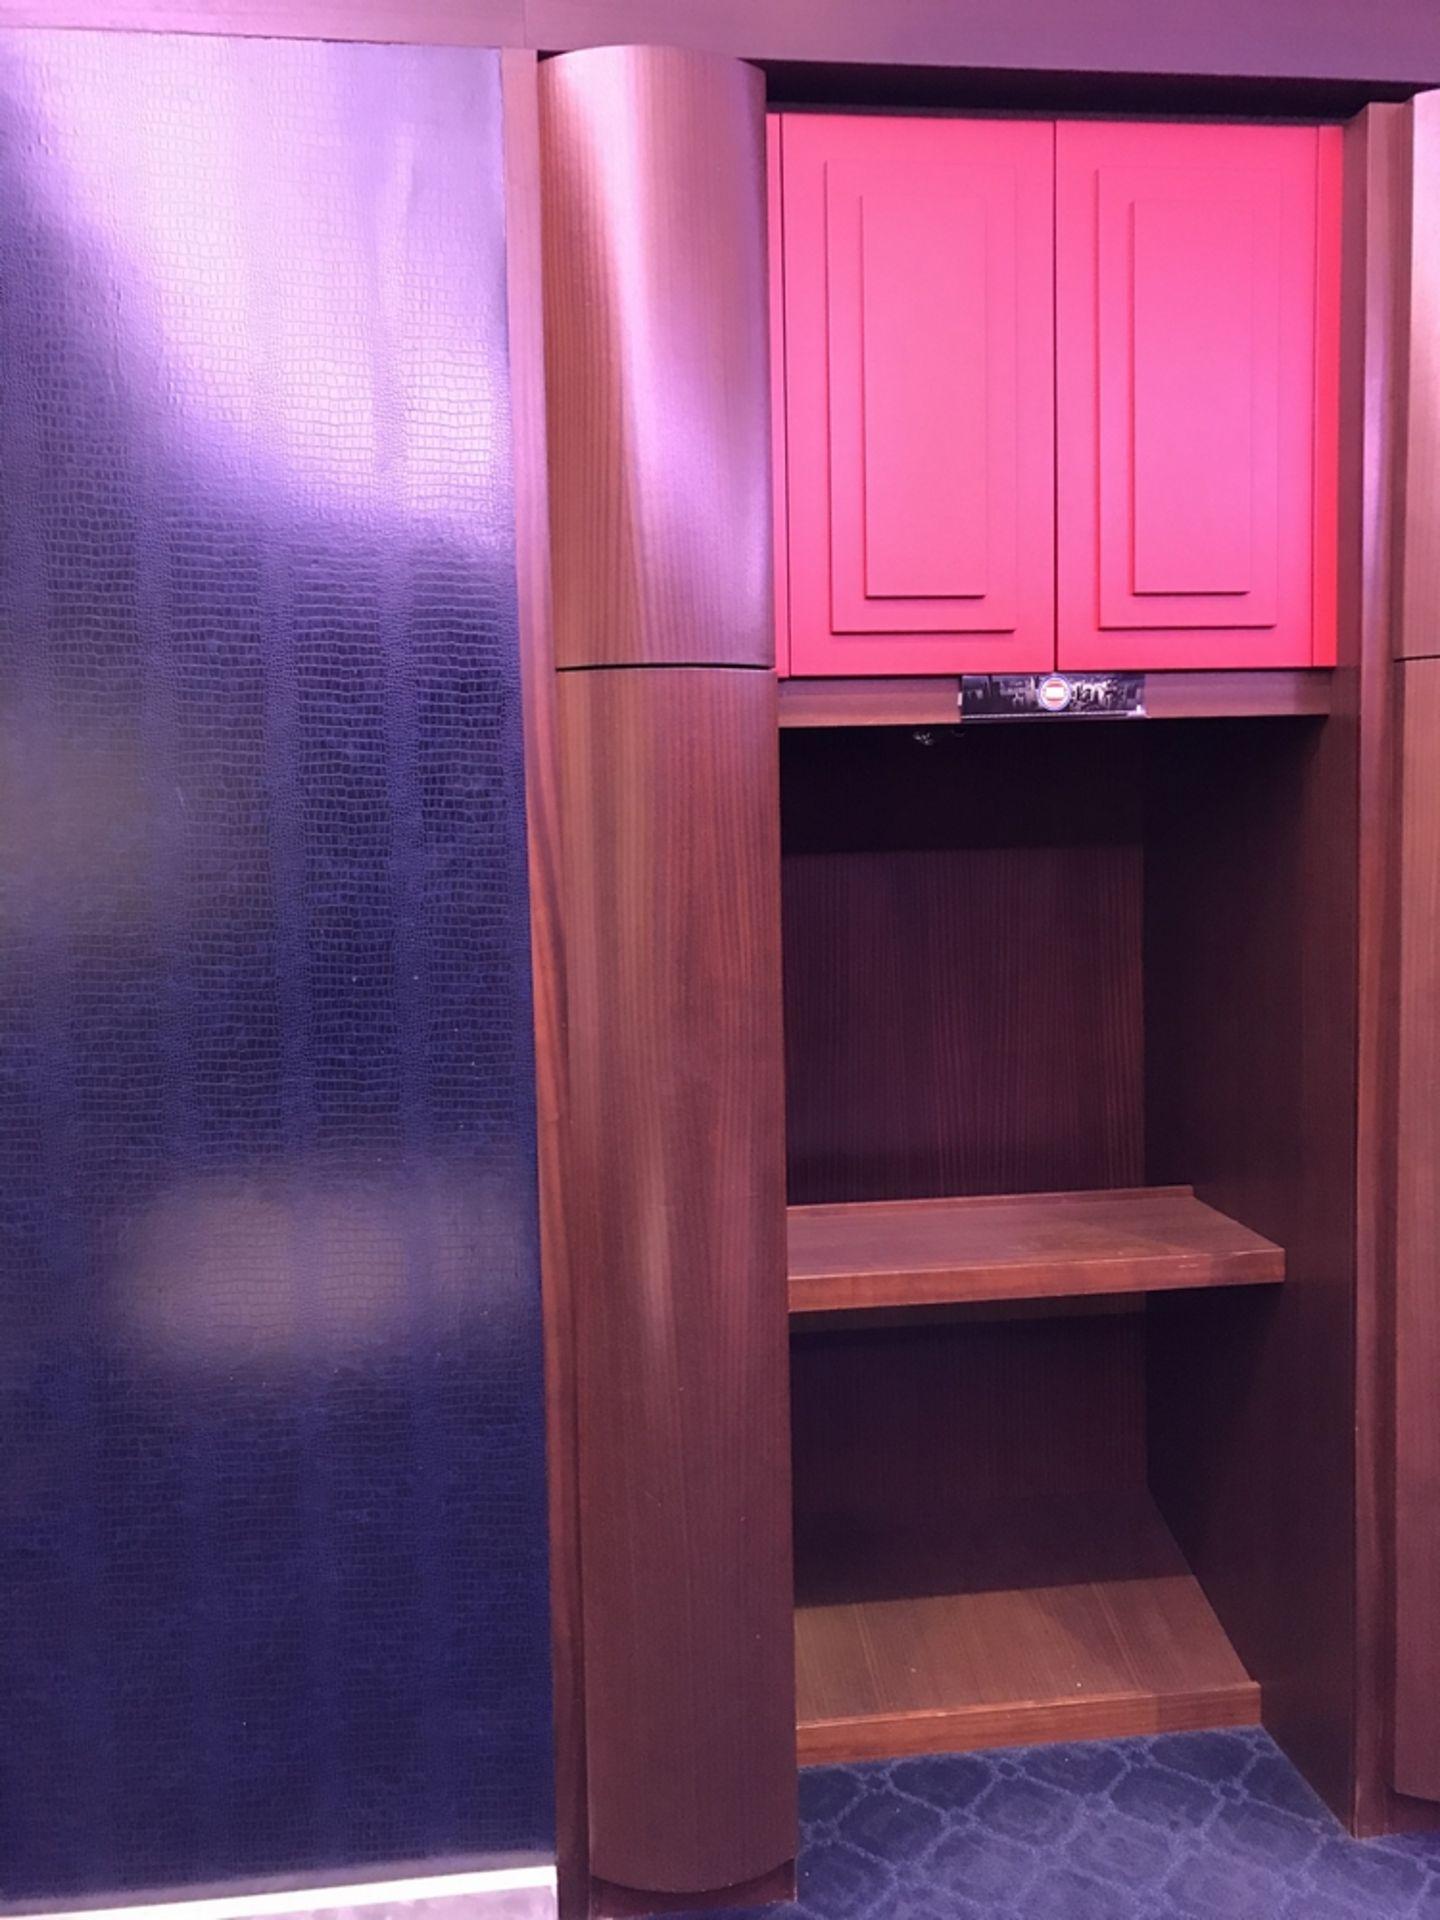 Lot 5 - Piston Player Locker , Dim. 52 in w x 107 in h x 35 in d , Location: Locker Room ***Note from